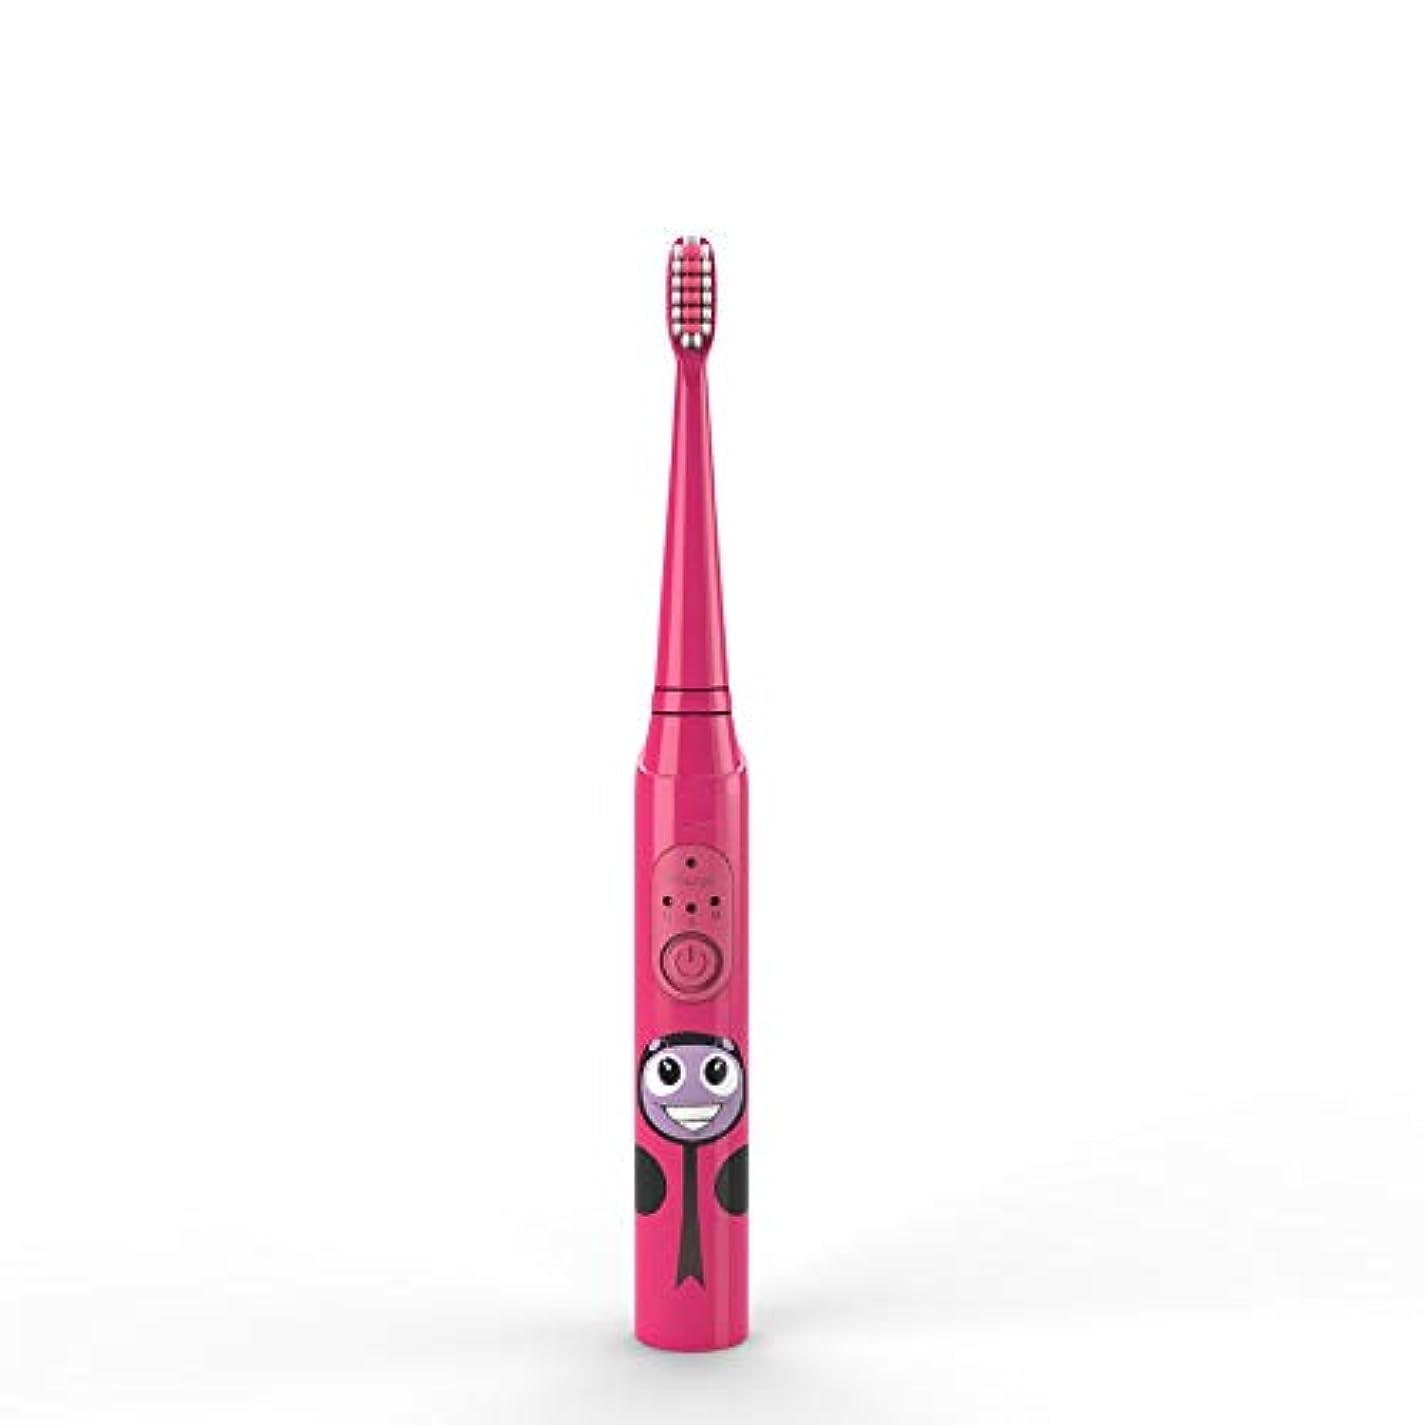 夜明けクリケットチロ電動歯ブラシ 子供の電動歯ブラシUSB充電式保護清潔で柔らかい毛の歯ブラシ日常の使用 大人と子供向け (色 : 赤, サイズ : Free size)